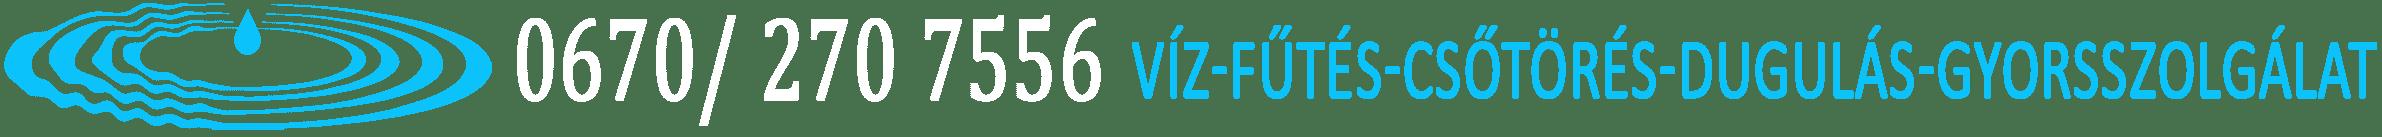 Vízszerelés, Csőtörés - Duguláselhárítás, Fűtésszerelés Gyorsszolgálat Budapest